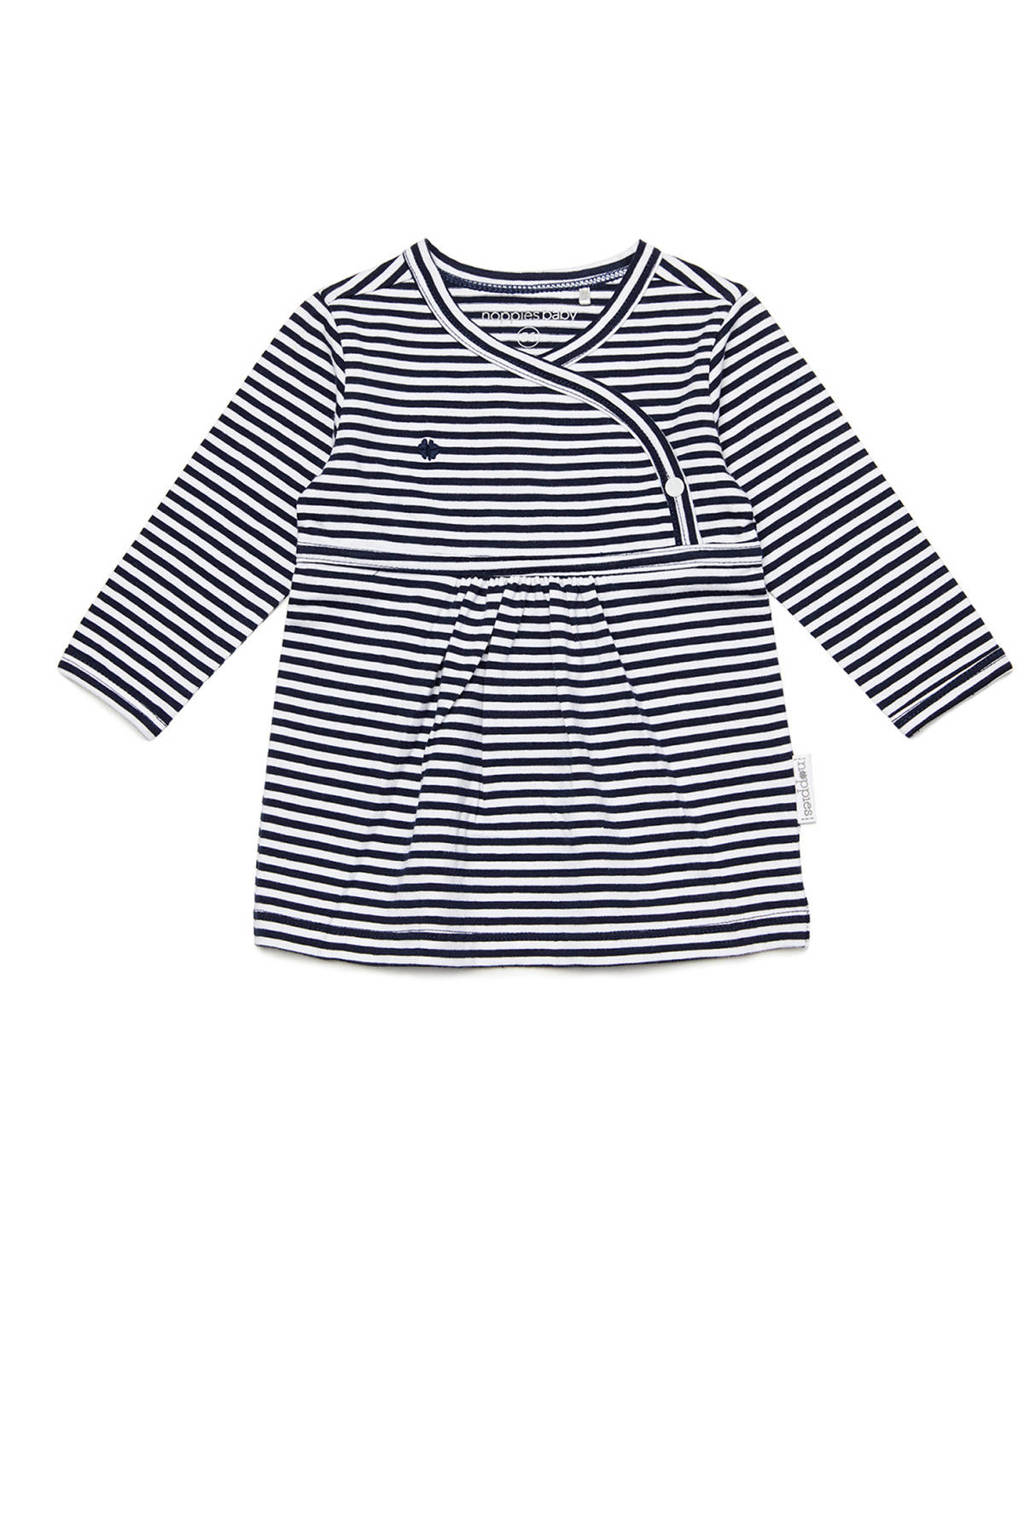 Noppies gestreepte jersey jurk Jazz donkerblauw/wit, Marine